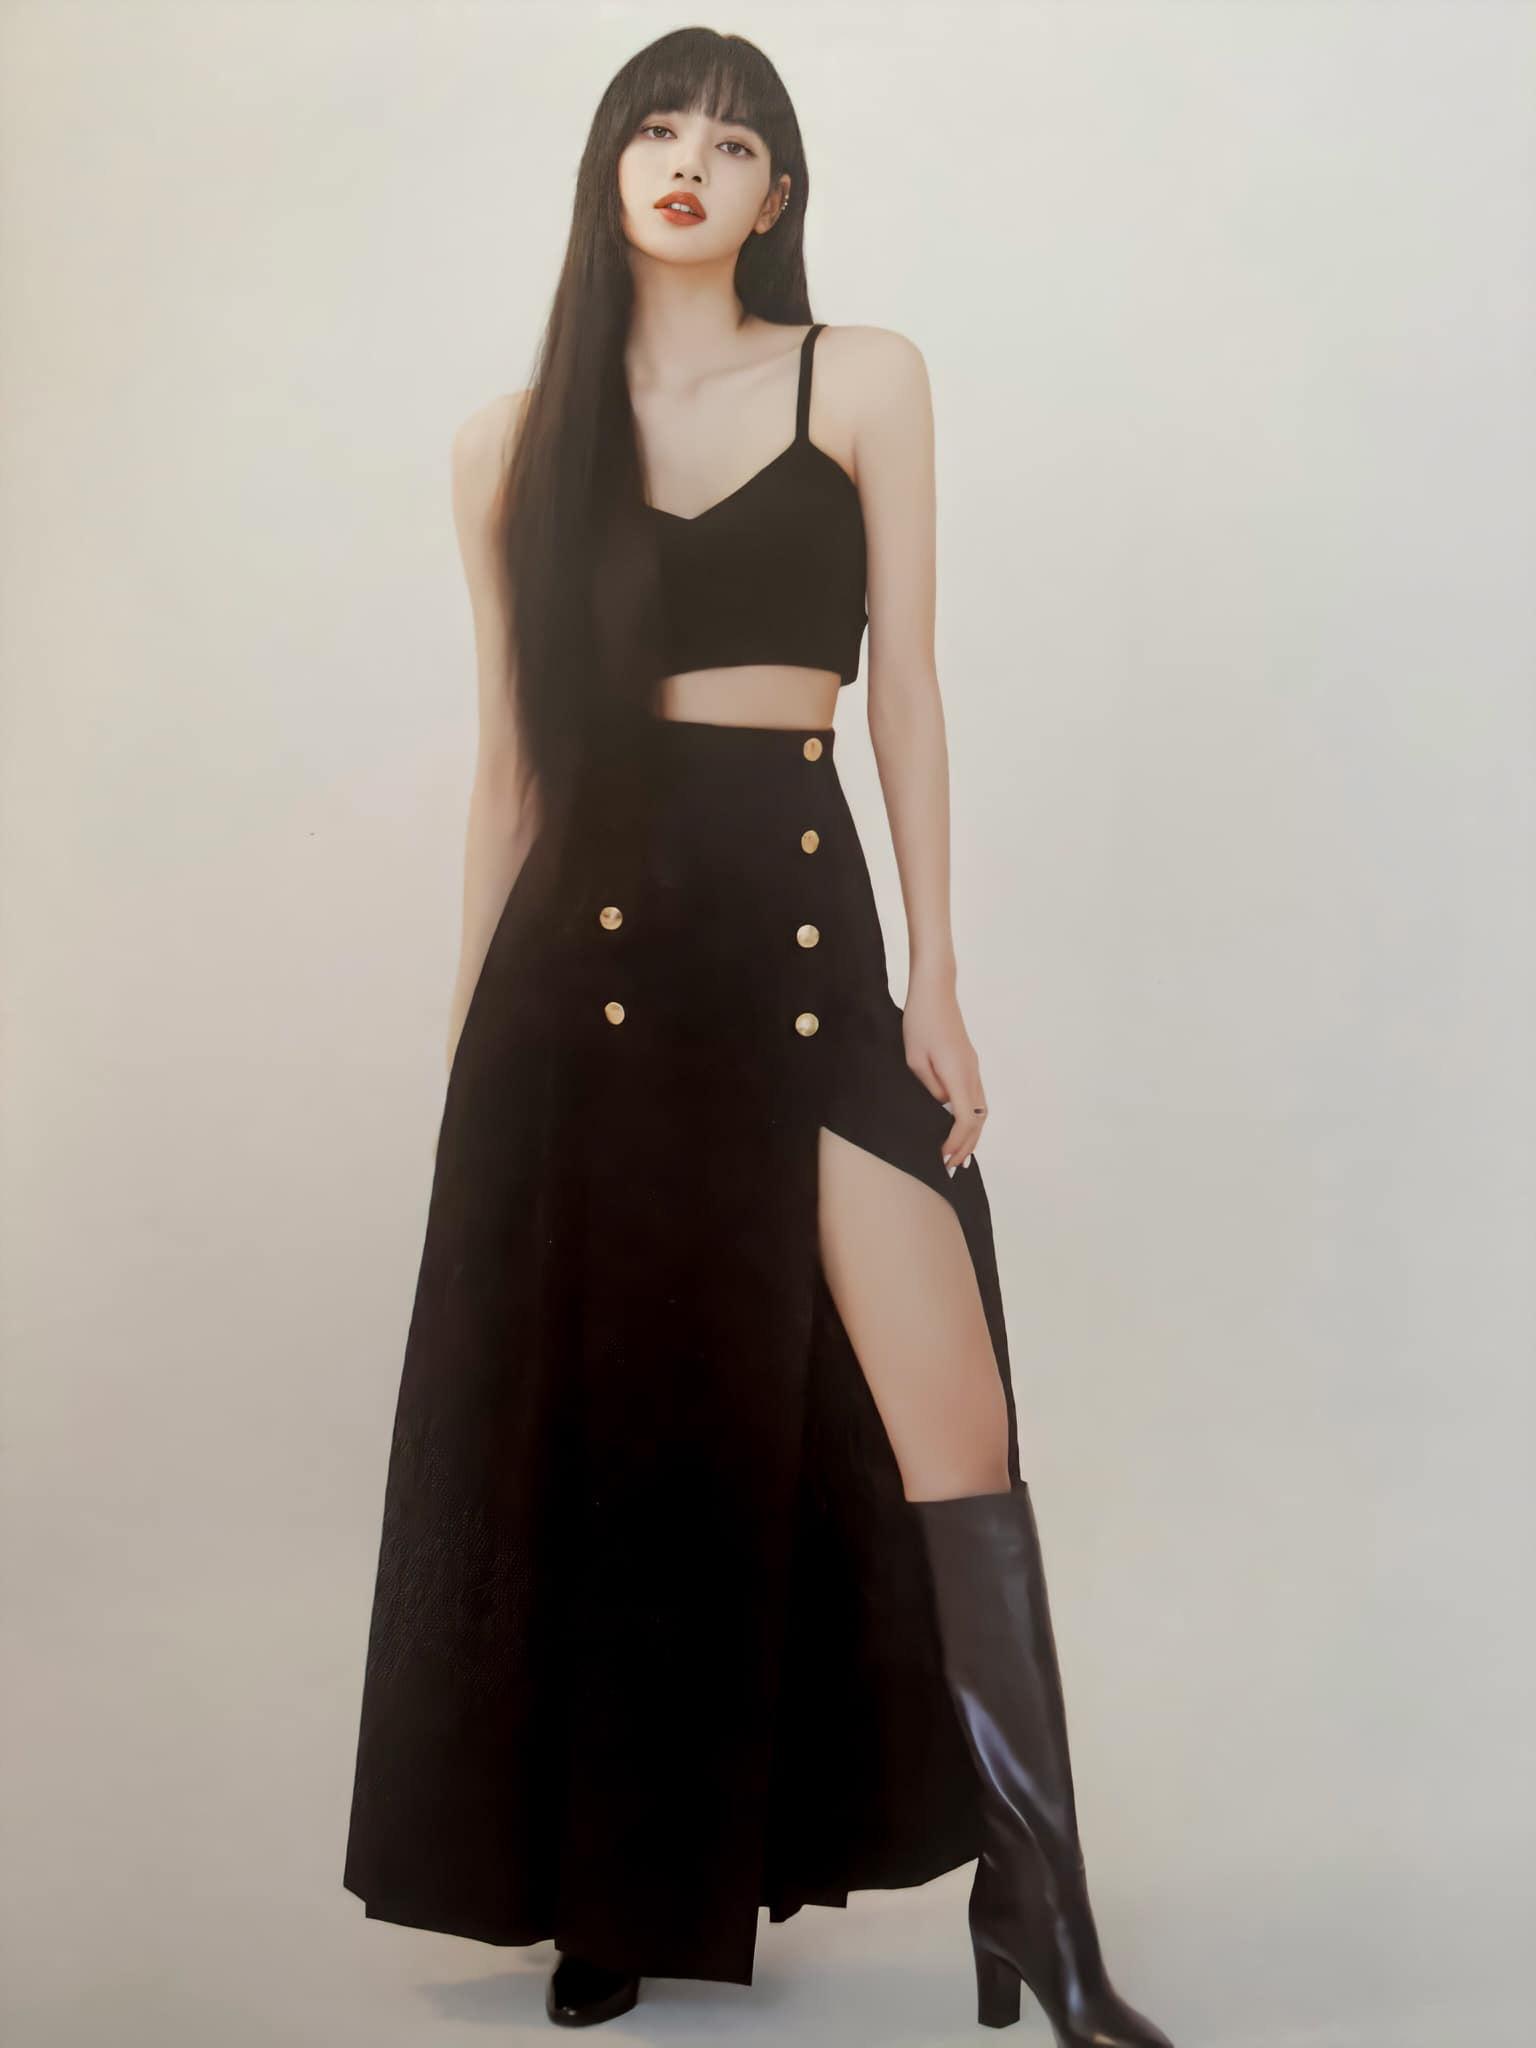 Đẳng cấp đại sứ toàn cầu của Lisa: Diện váy Celine kín bưng mà vẫn tạo dáng tài tình nên sexy hơn hẳn người mẫu hãng - Ảnh 3.